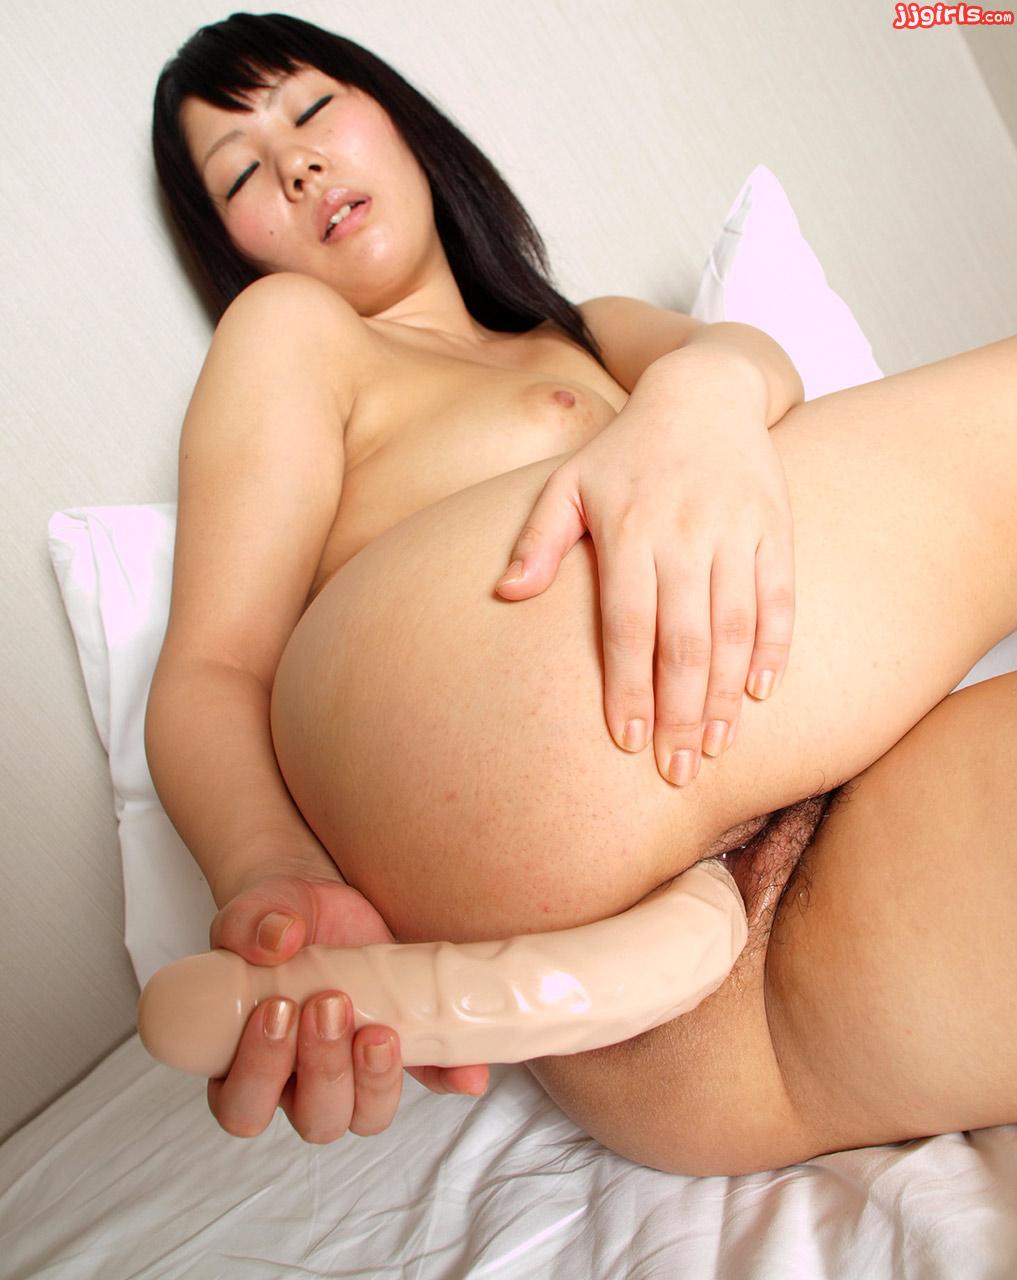 Momoka06